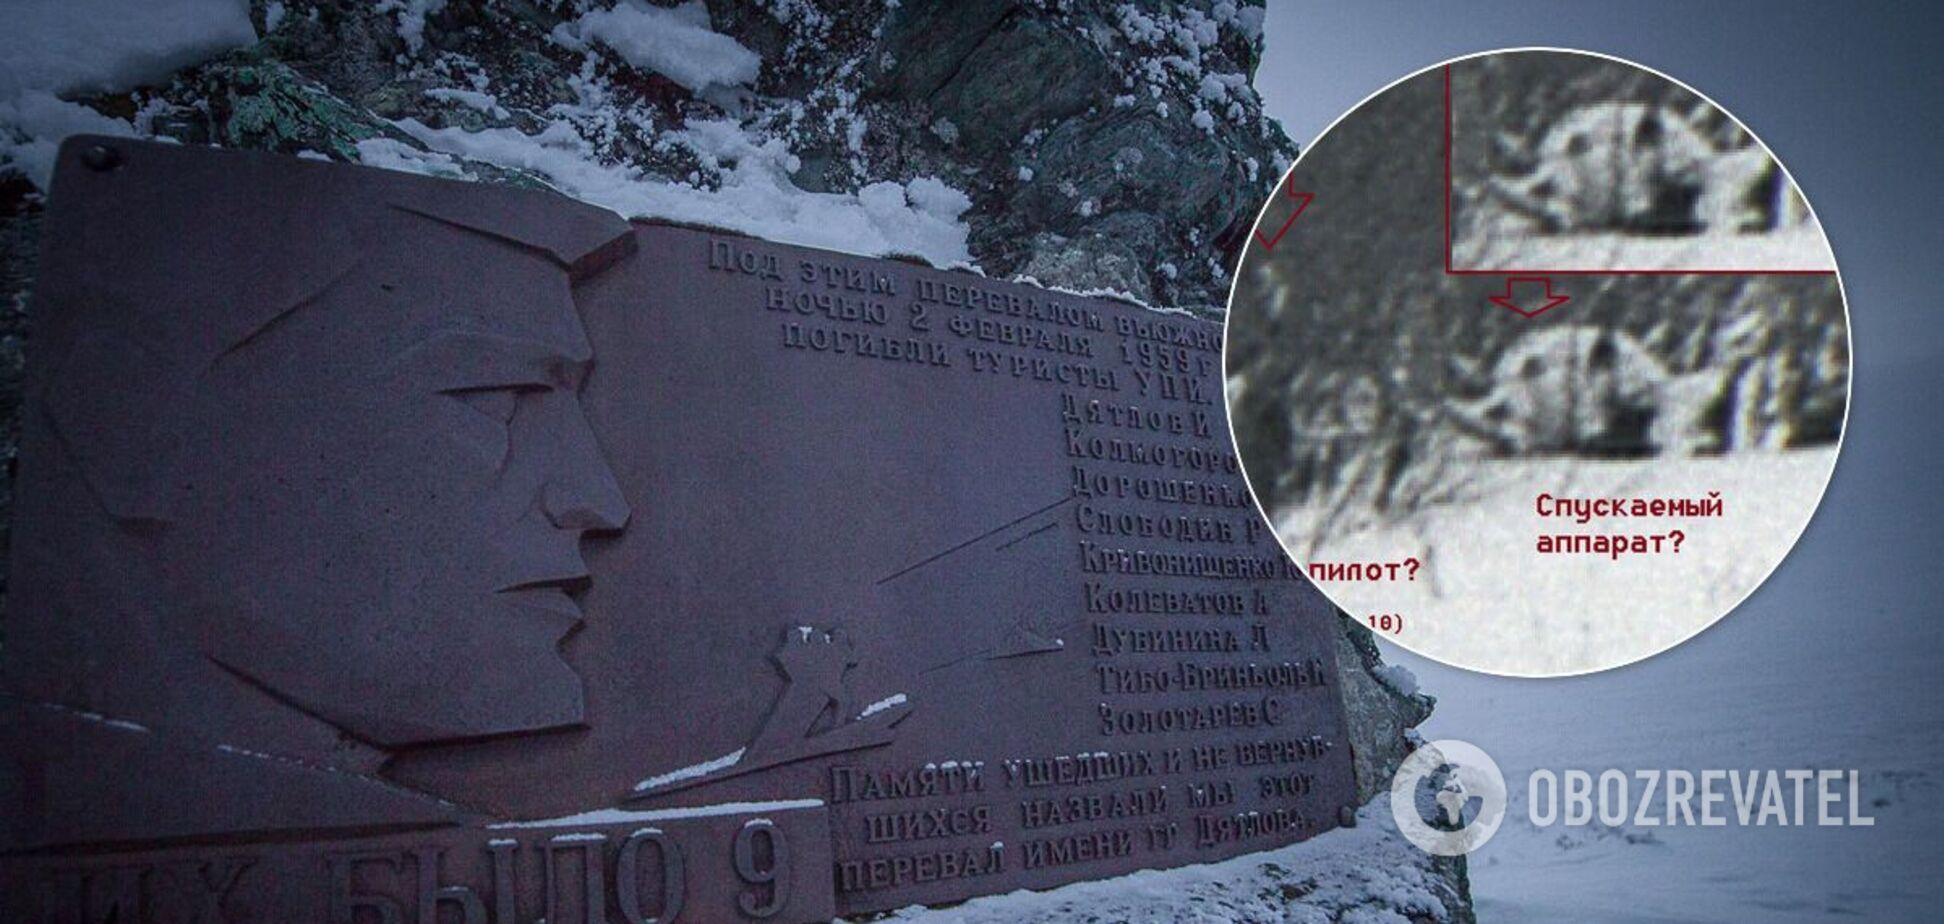 Блогер нашел 'доказательства' связи гибели группы Дятлова с НЛО. Фото и видео